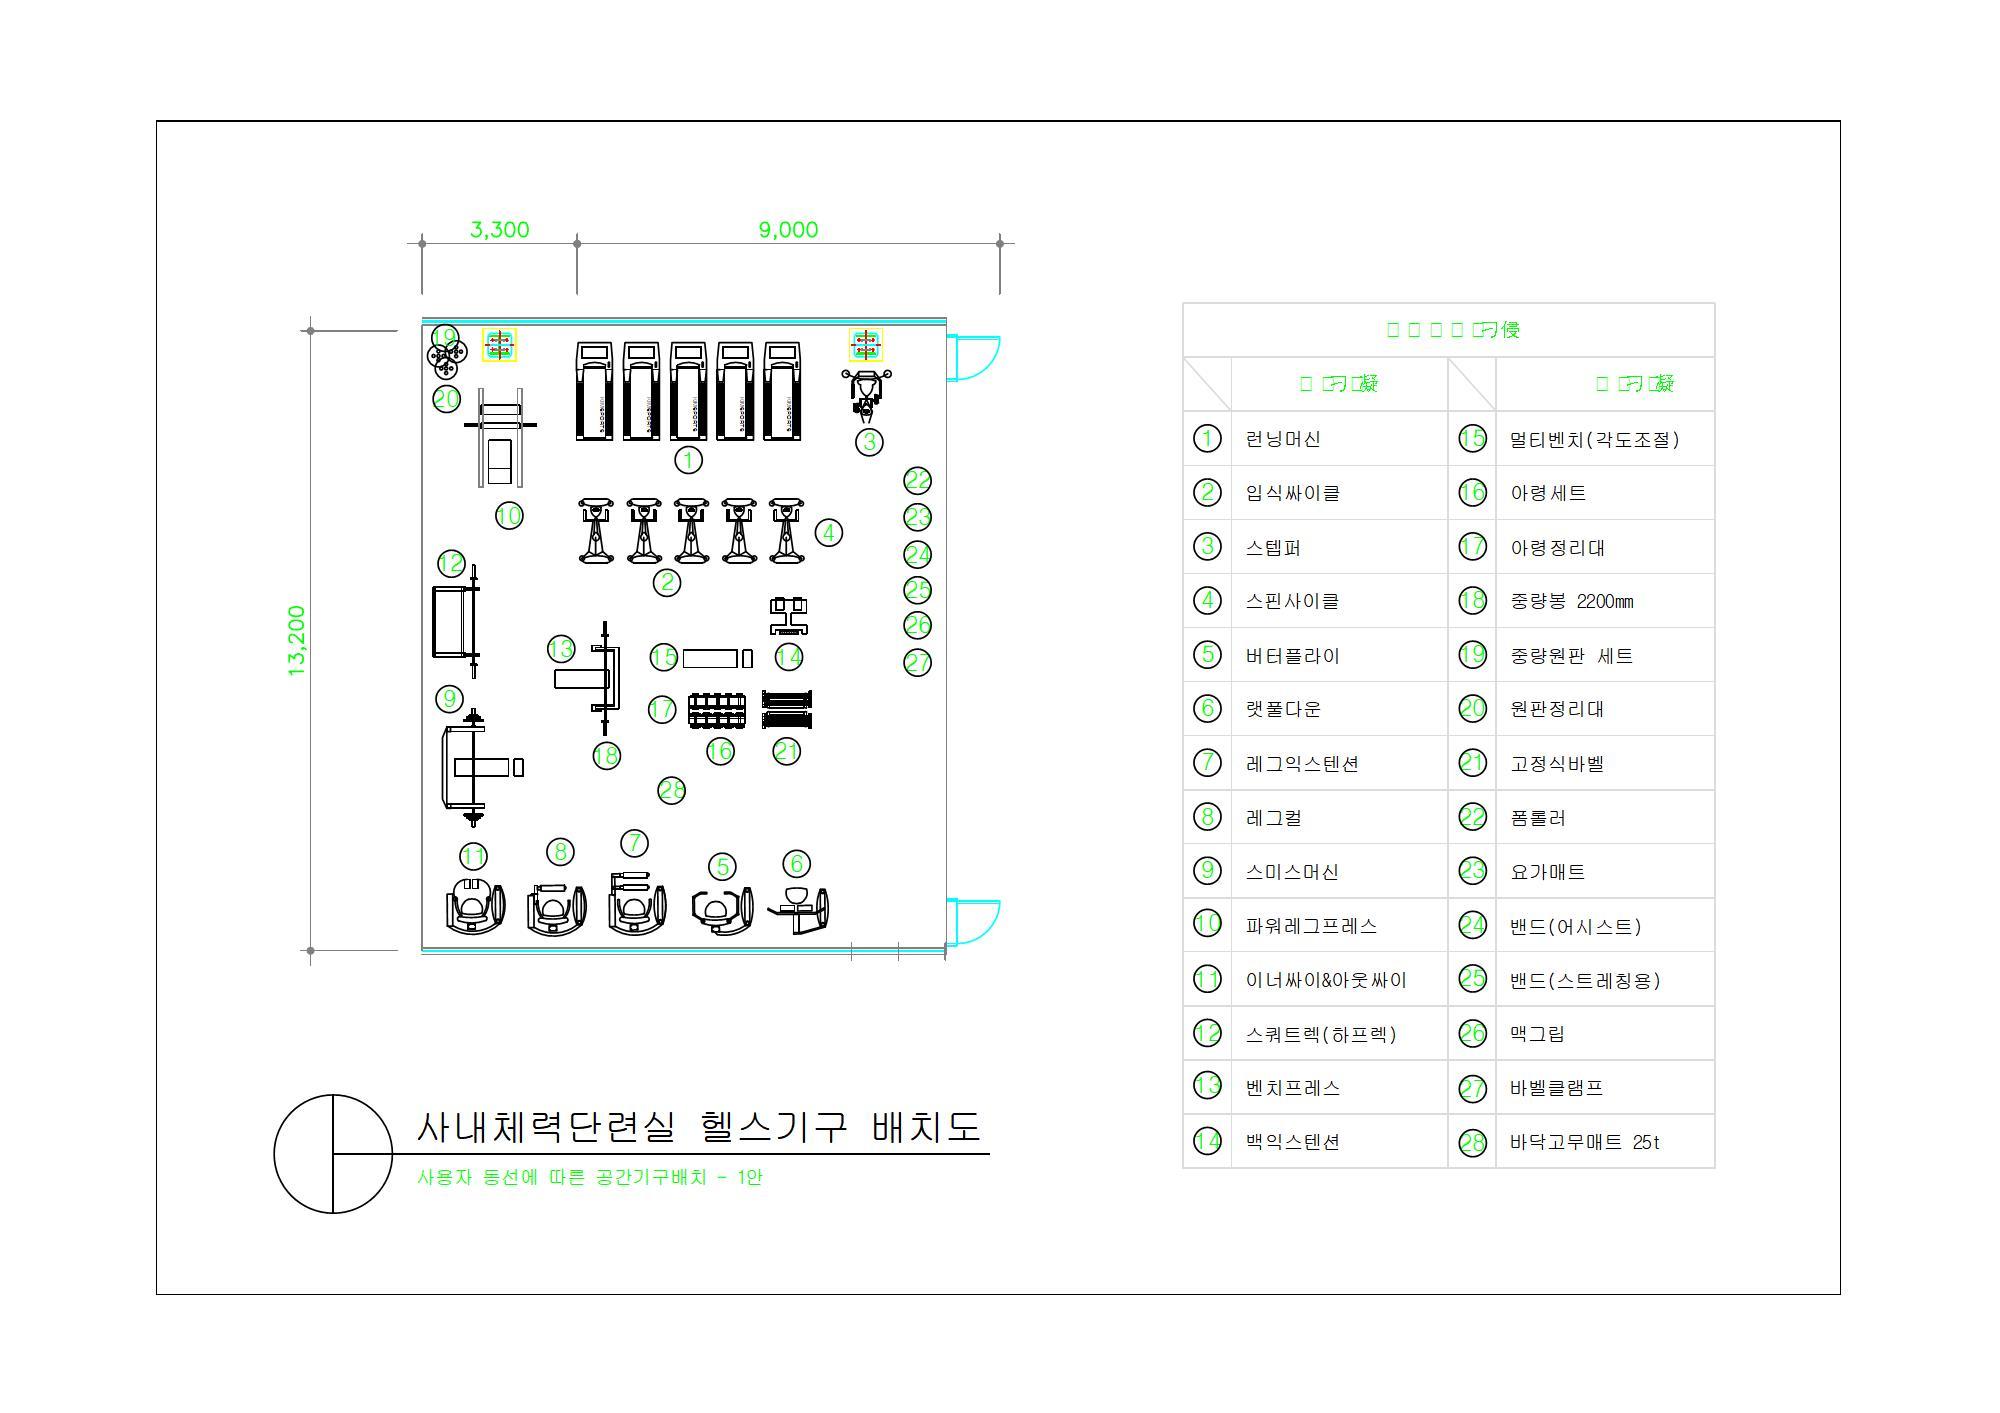 킴스포츠-헬스기구배치도-Model-1안_1.jpg